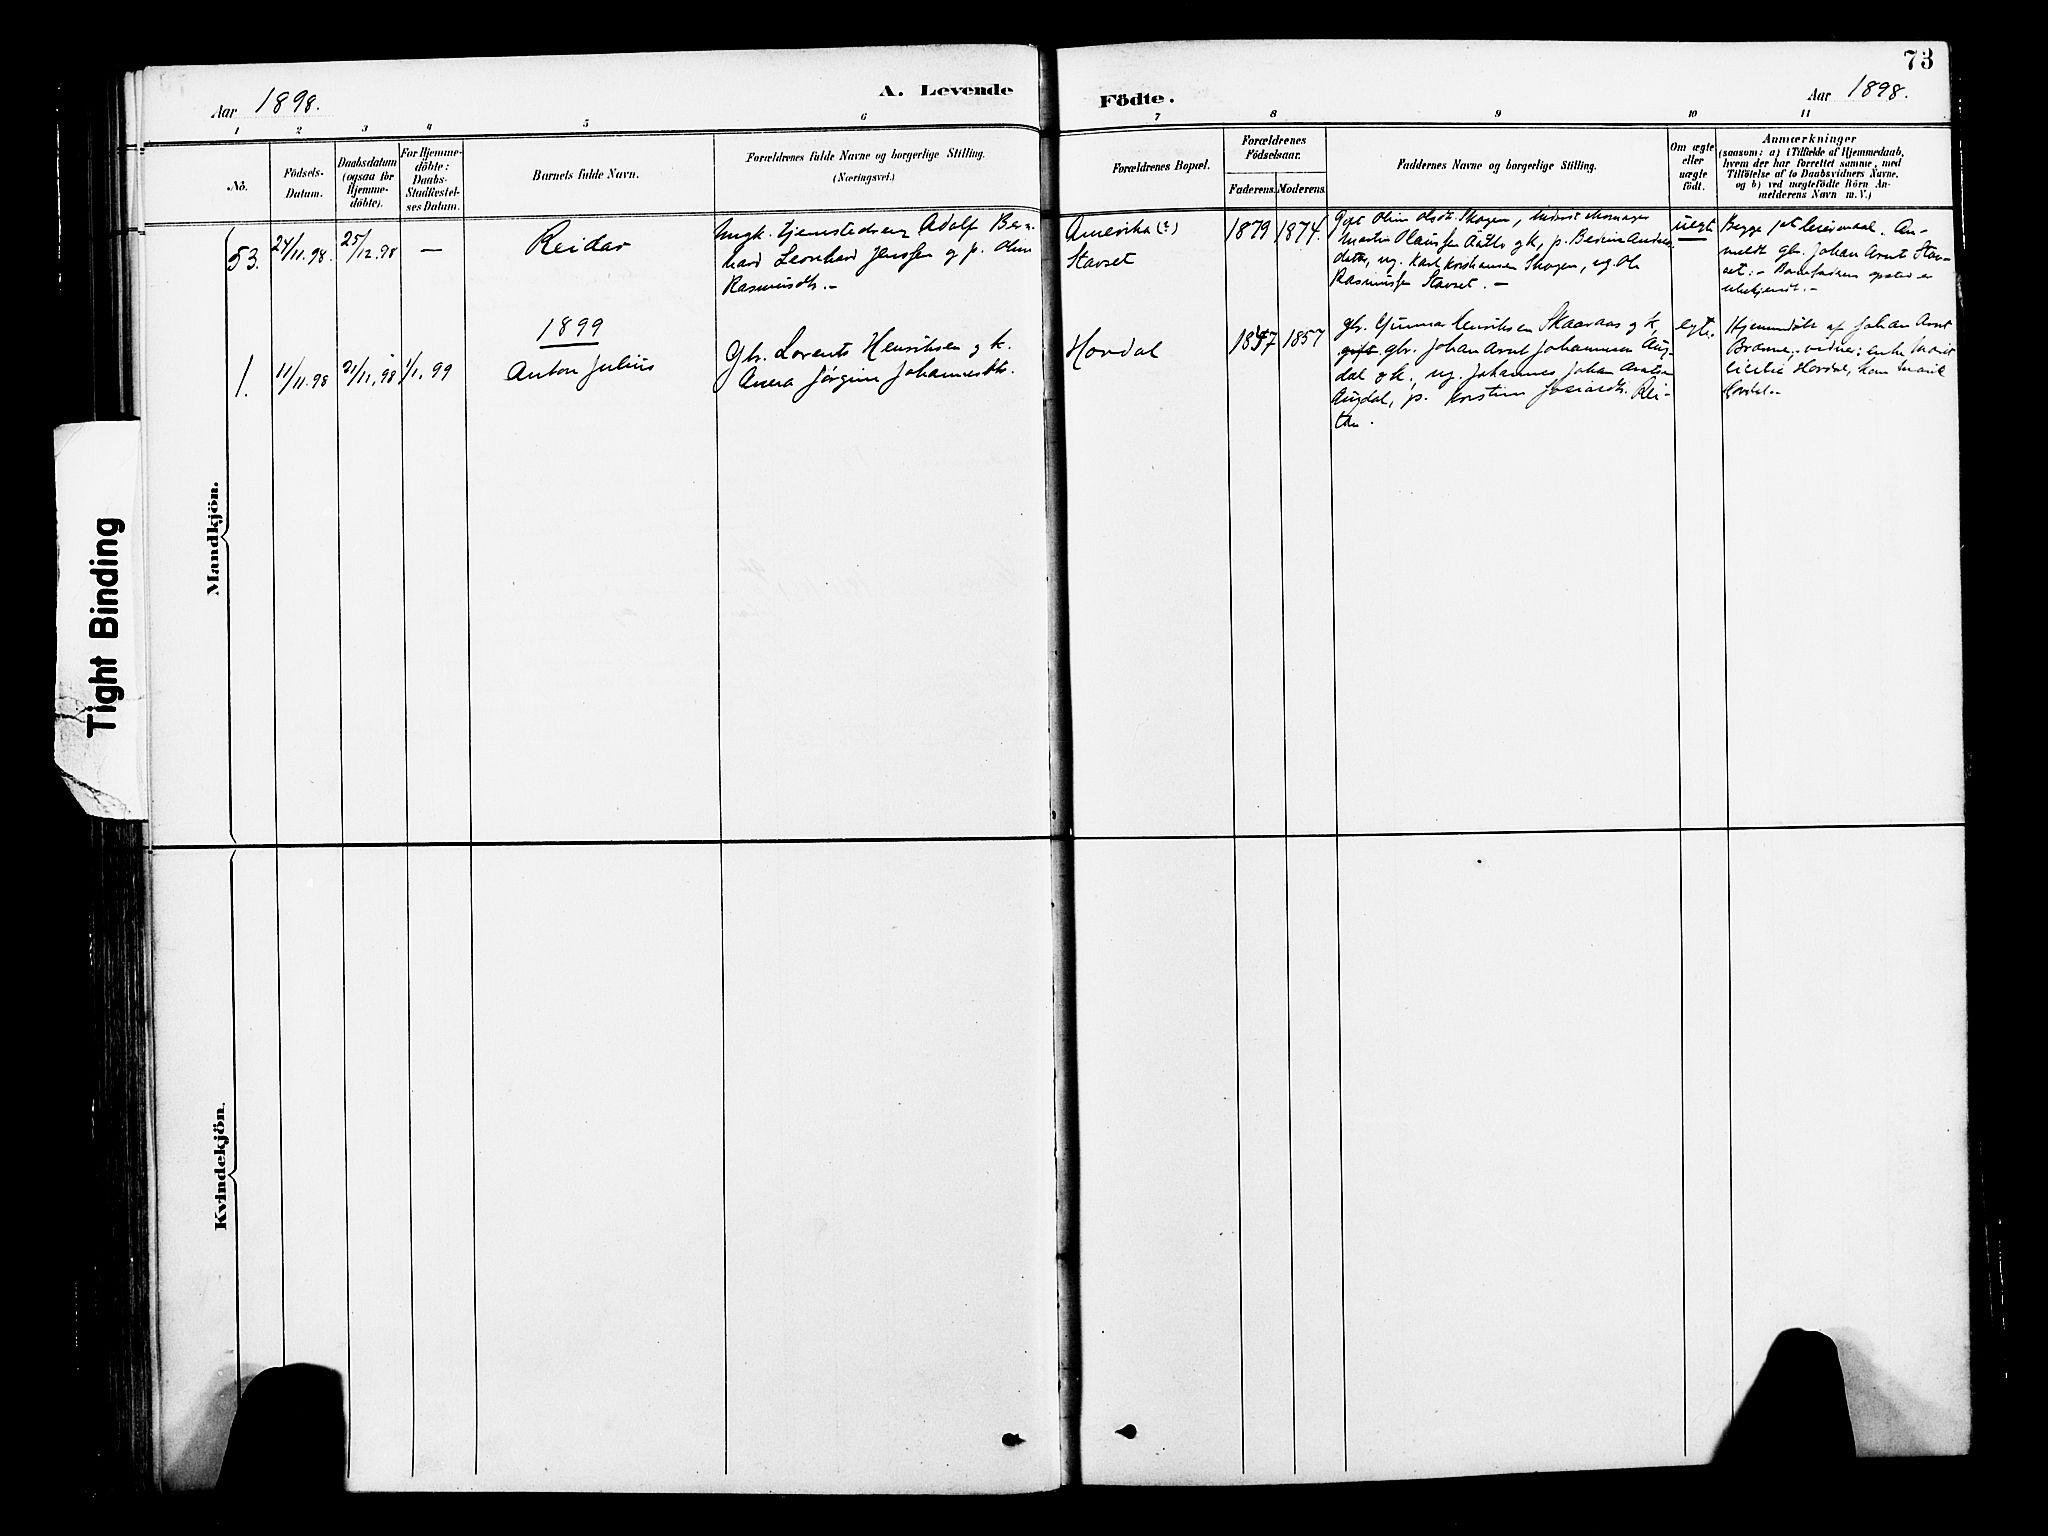 SAT, Ministerialprotokoller, klokkerbøker og fødselsregistre - Nord-Trøndelag, 713/L0121: Ministerialbok nr. 713A10, 1888-1898, s. 73